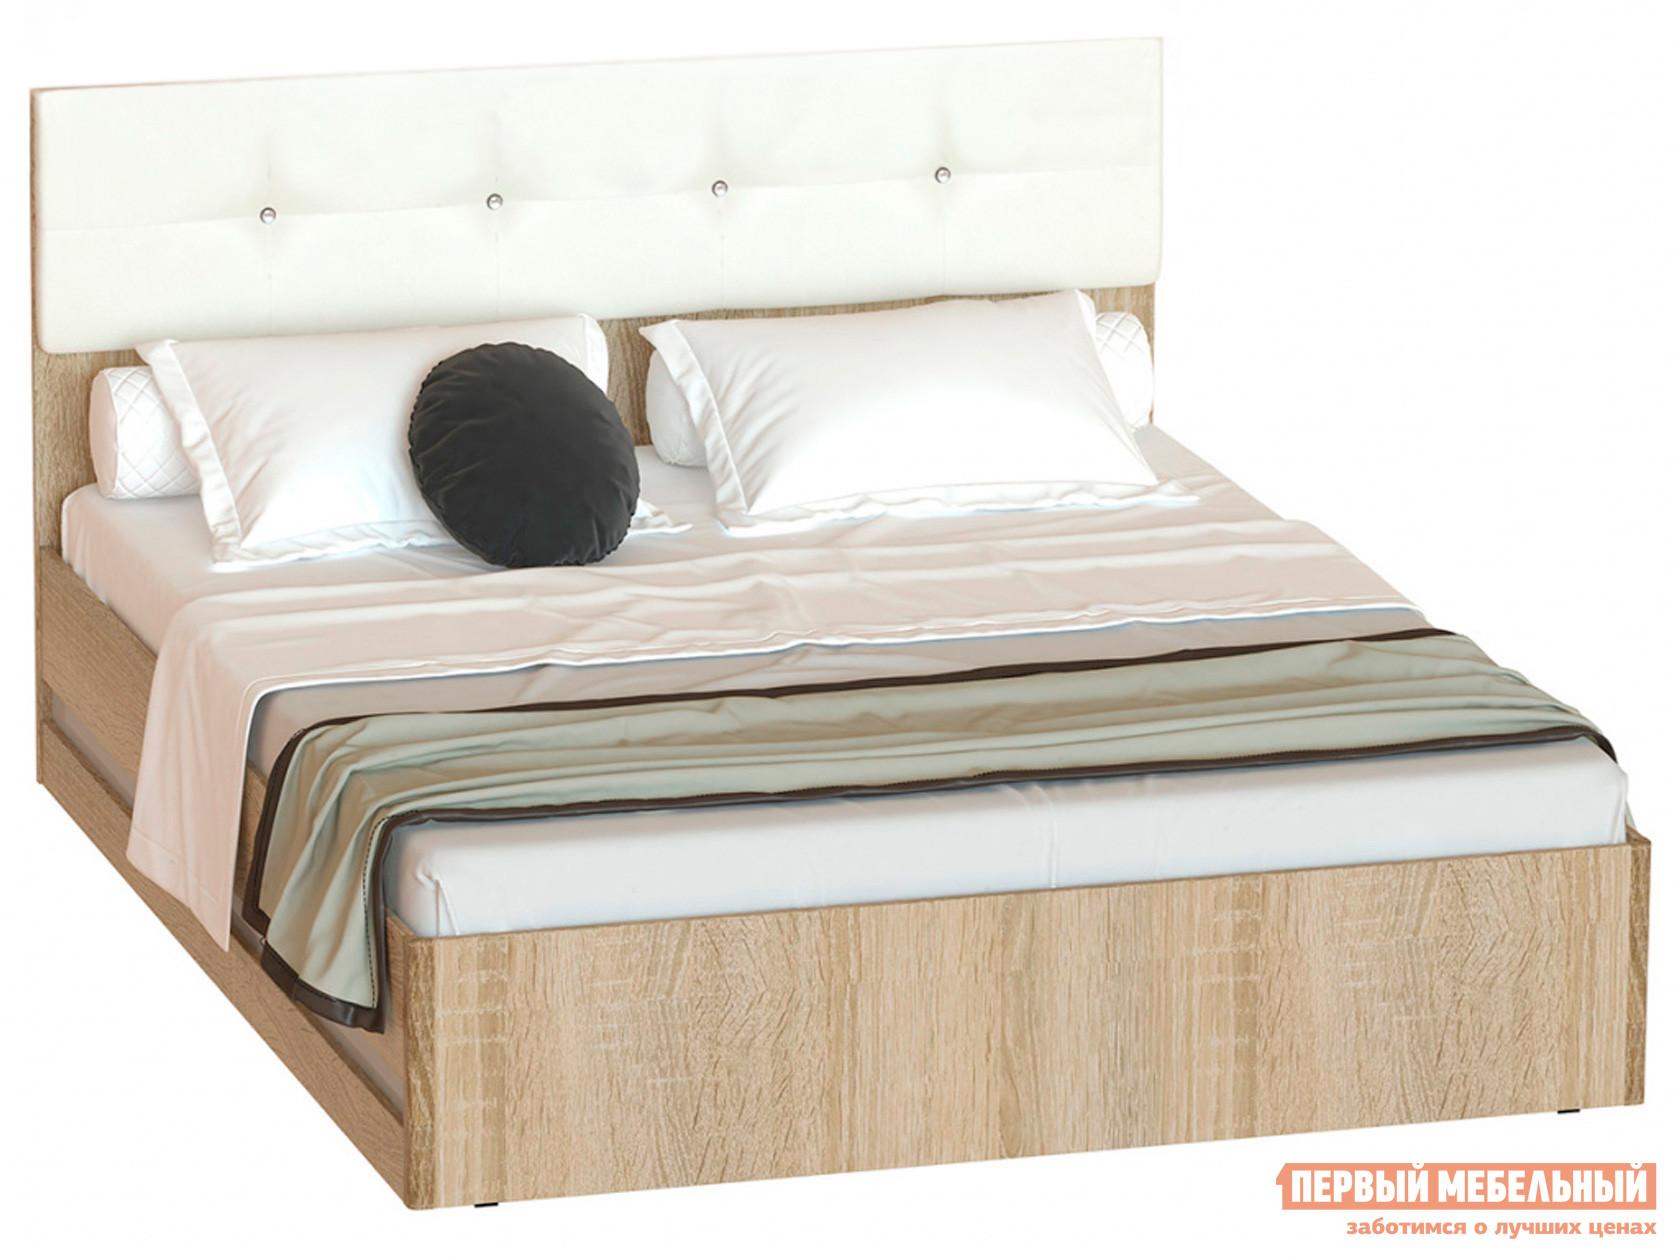 Двуспальная кровать Первый Мебельный Белладжио Кровать КР-05